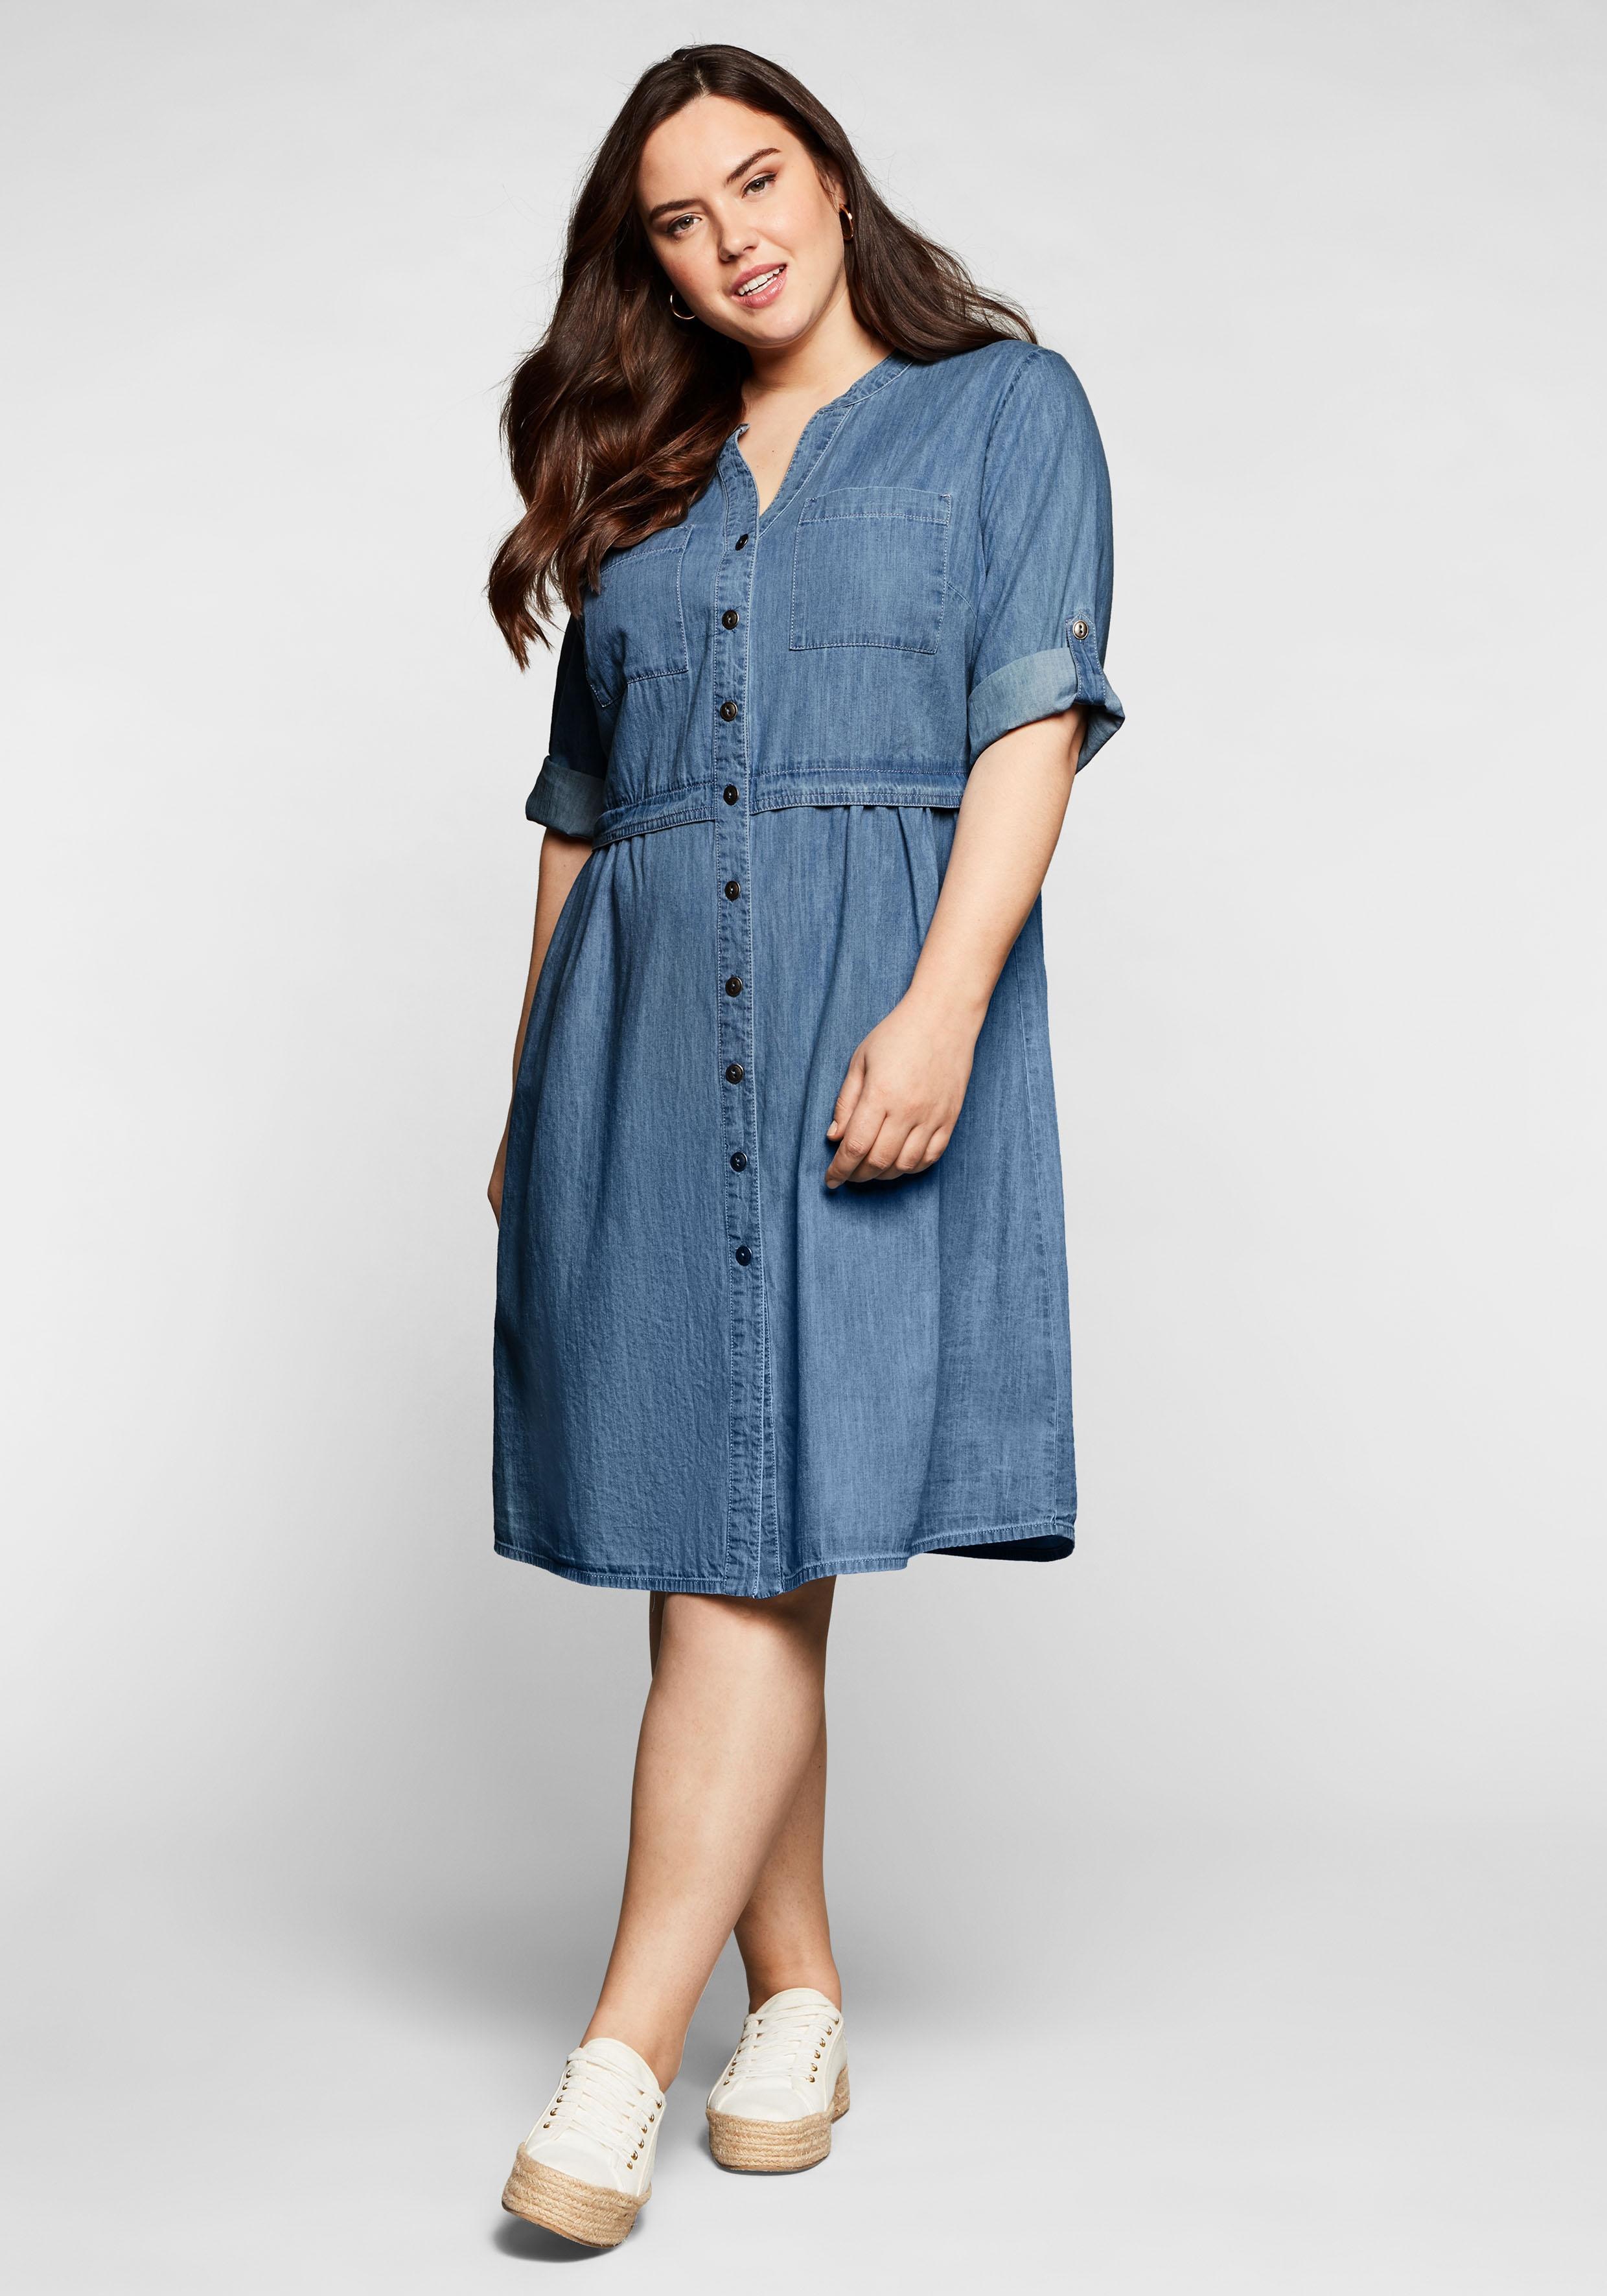 sheego -  Jeanskleid, mit Knopfleiste und hoher Taille